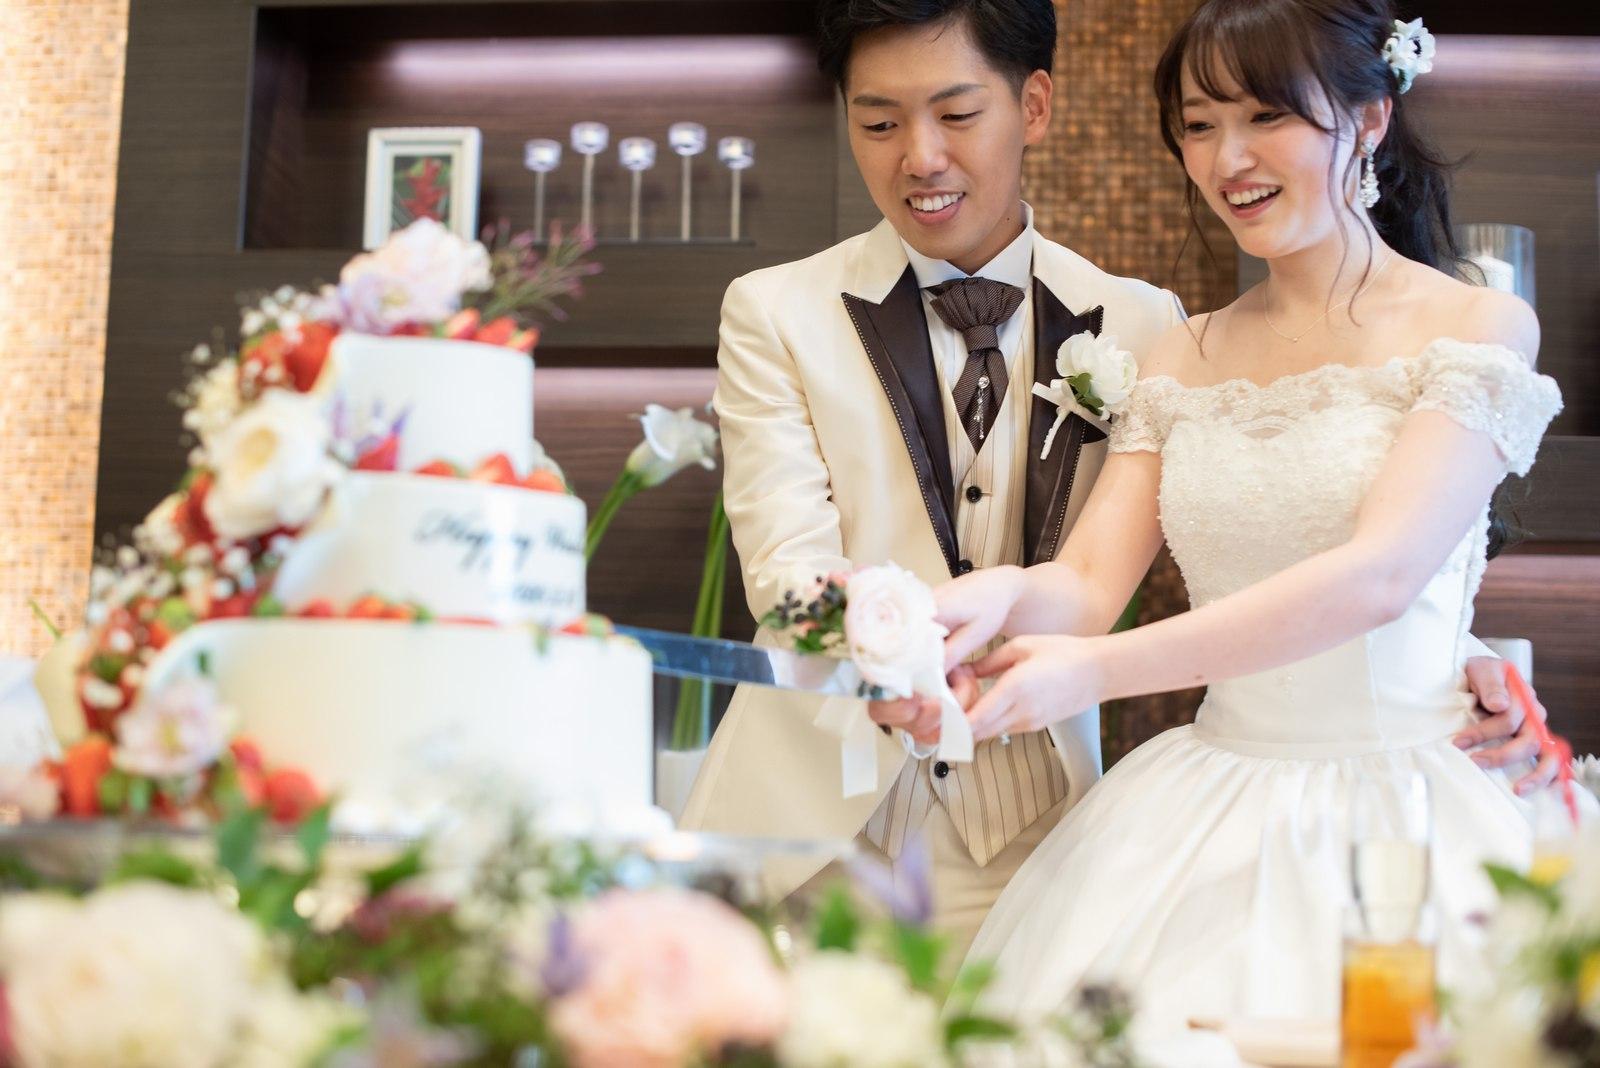 徳島県の結婚式場ブランアンジュで楽しそうにケーキ入刀をする新郎新婦